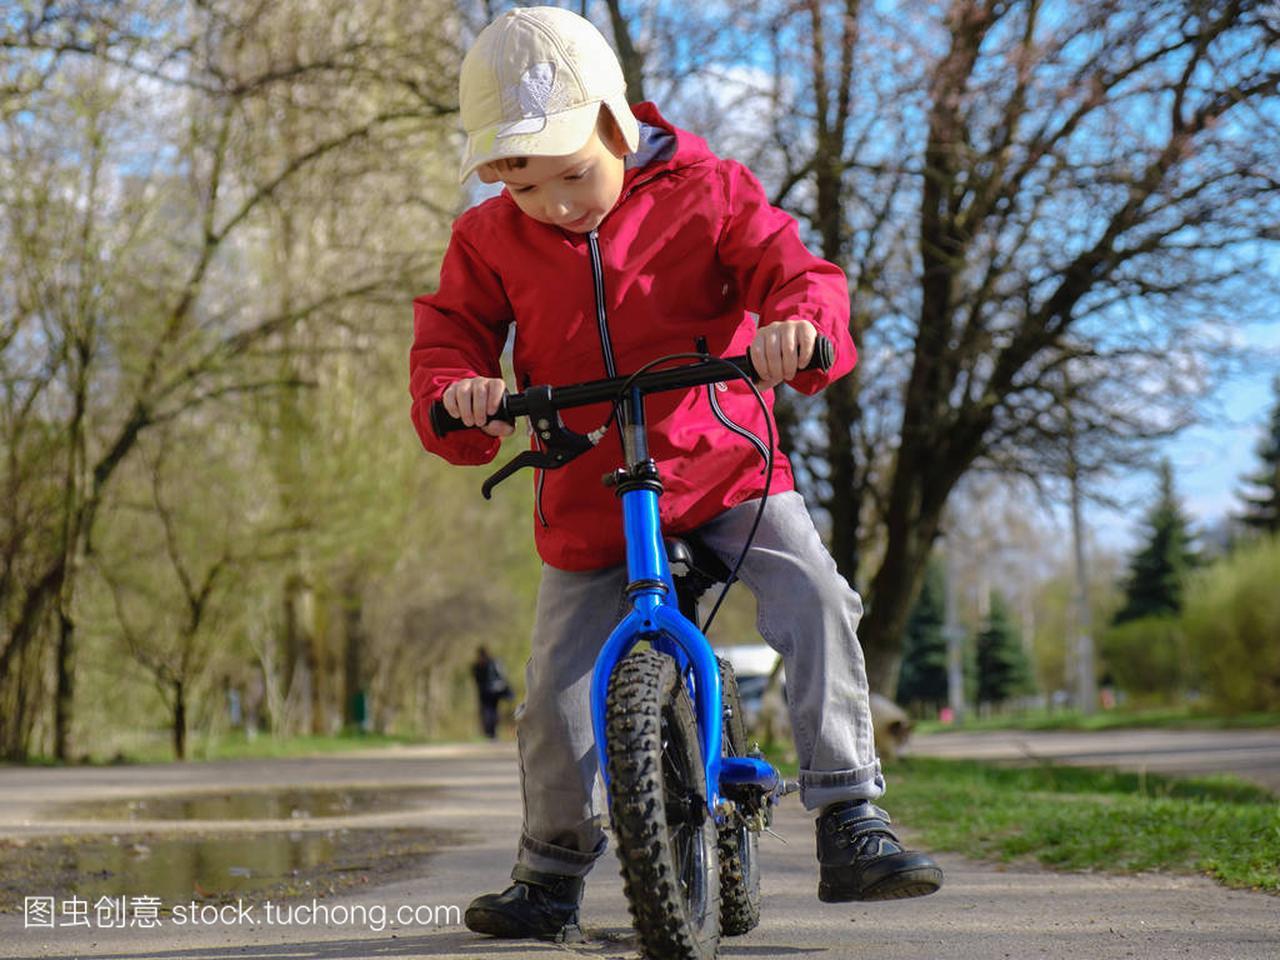 小男孩骑着他的第一辆自行车在城市公园。快乐